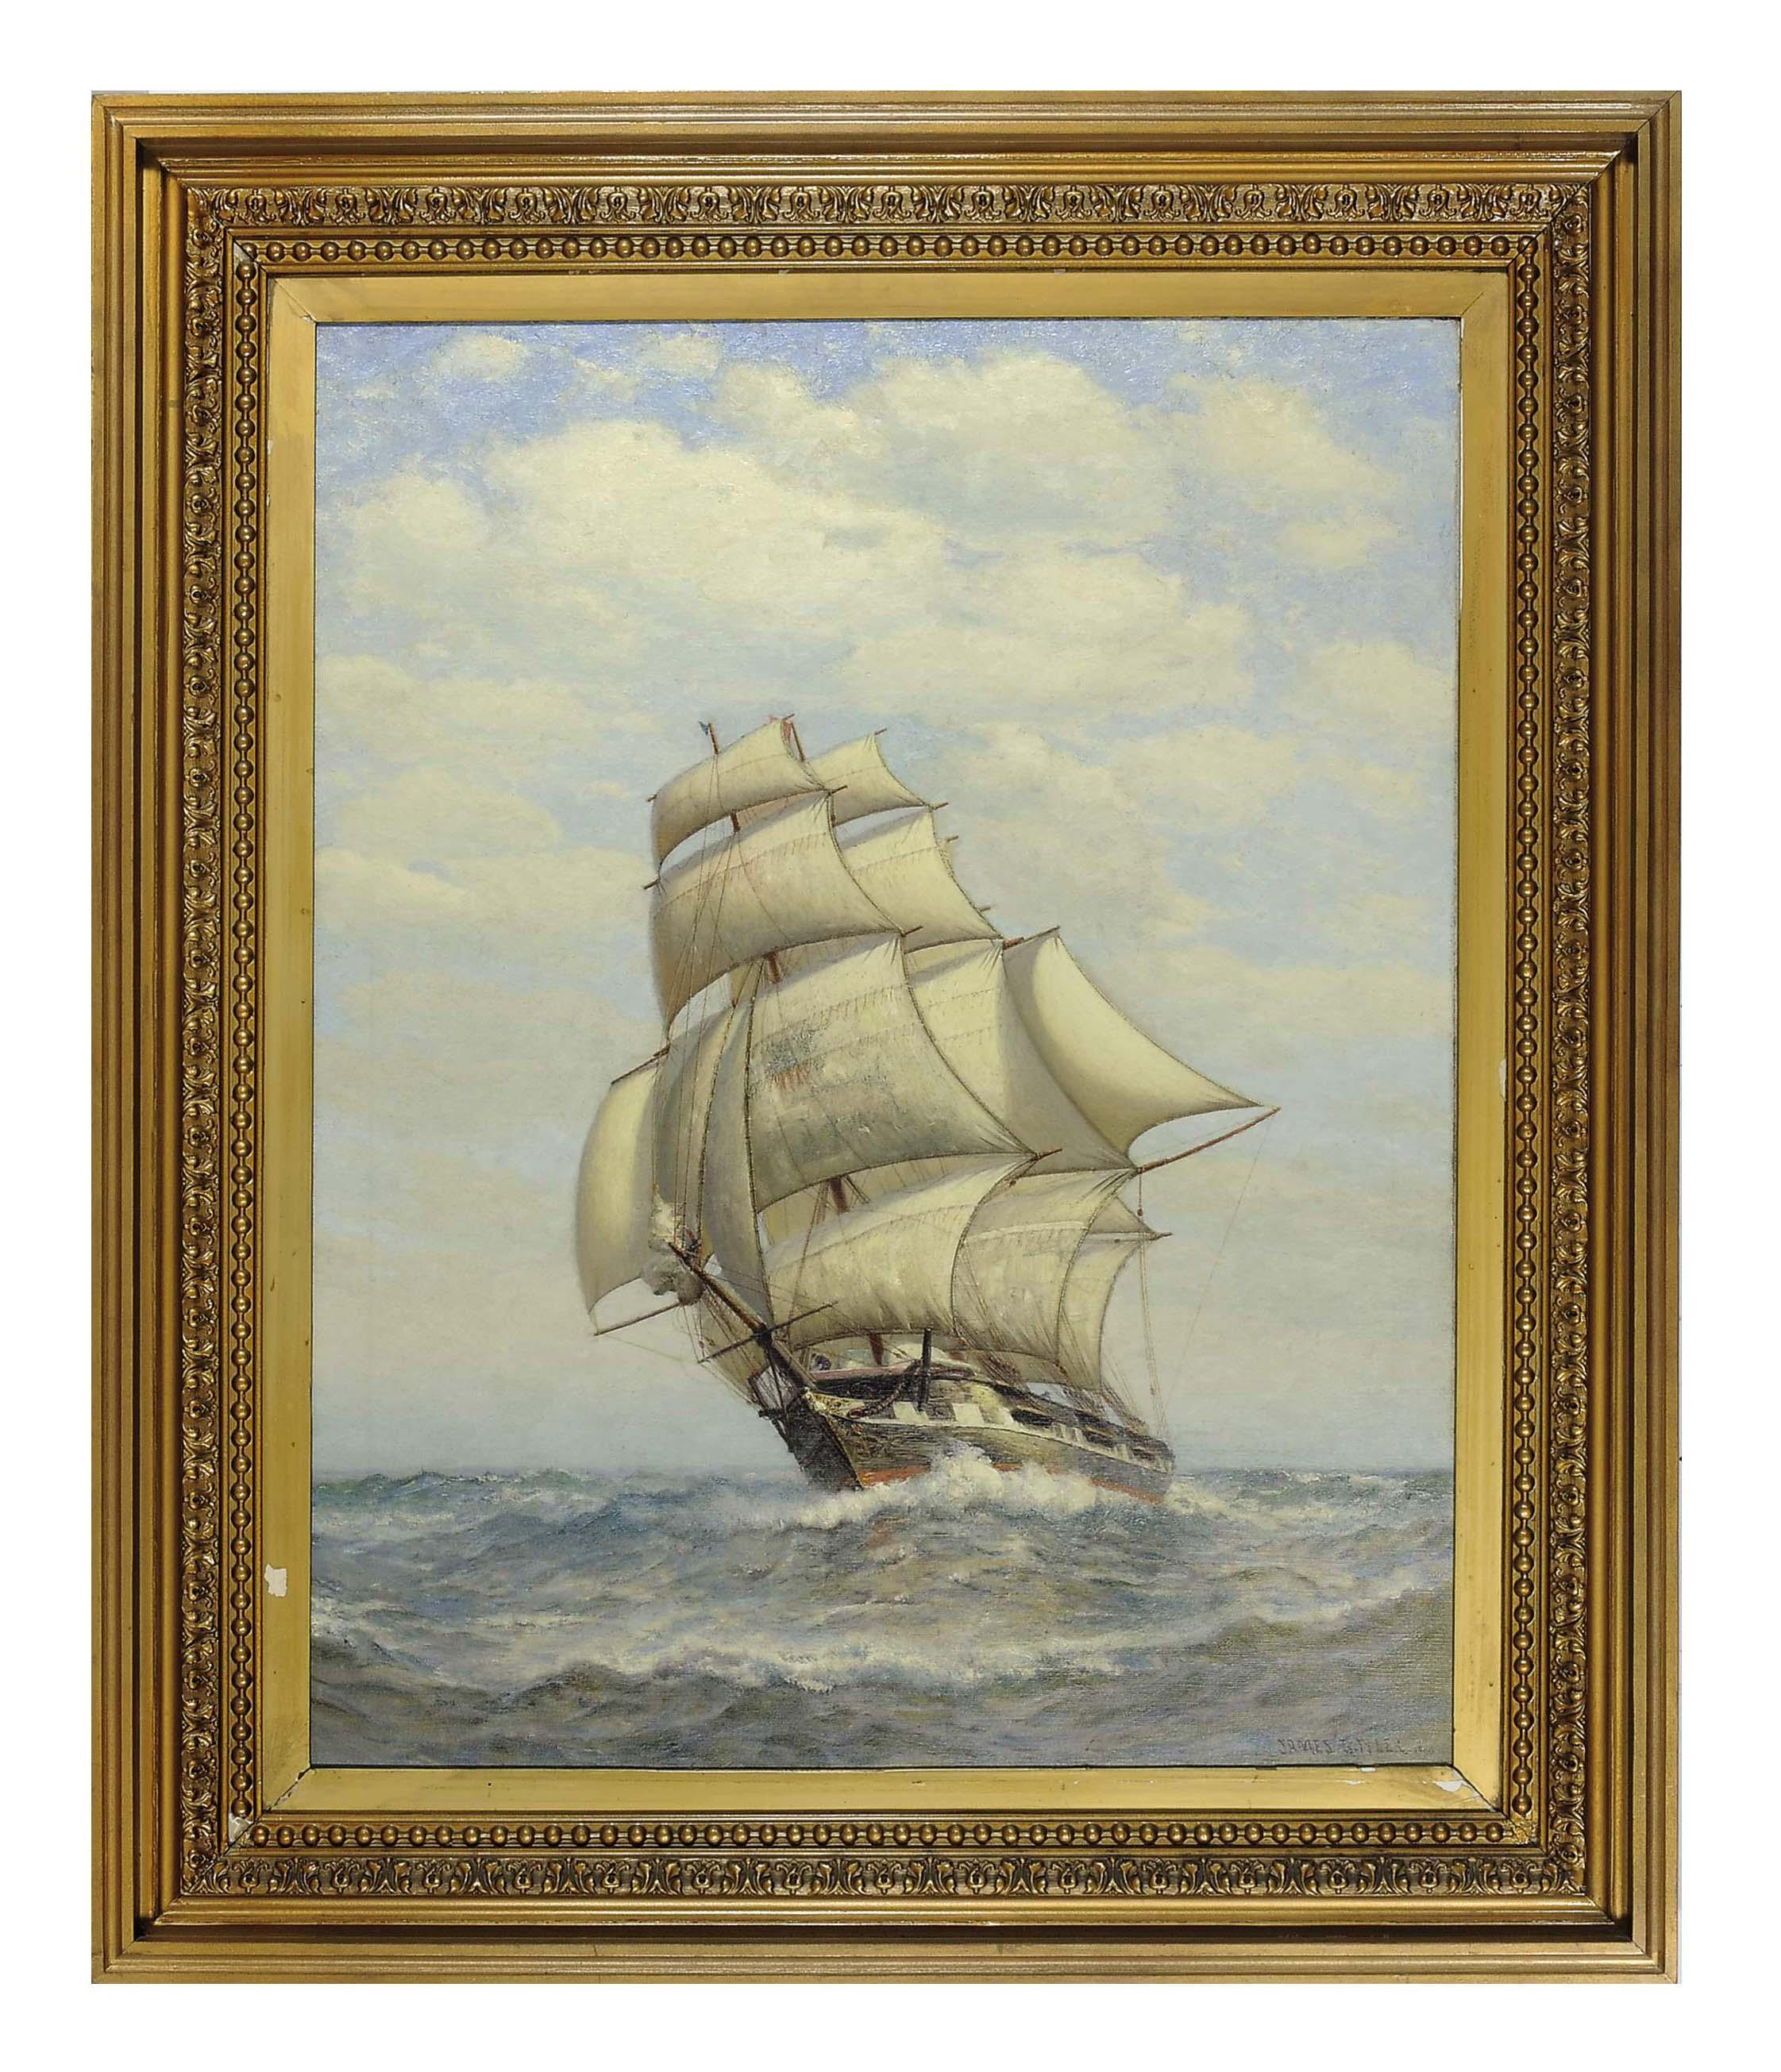 A square rigged ship at sea